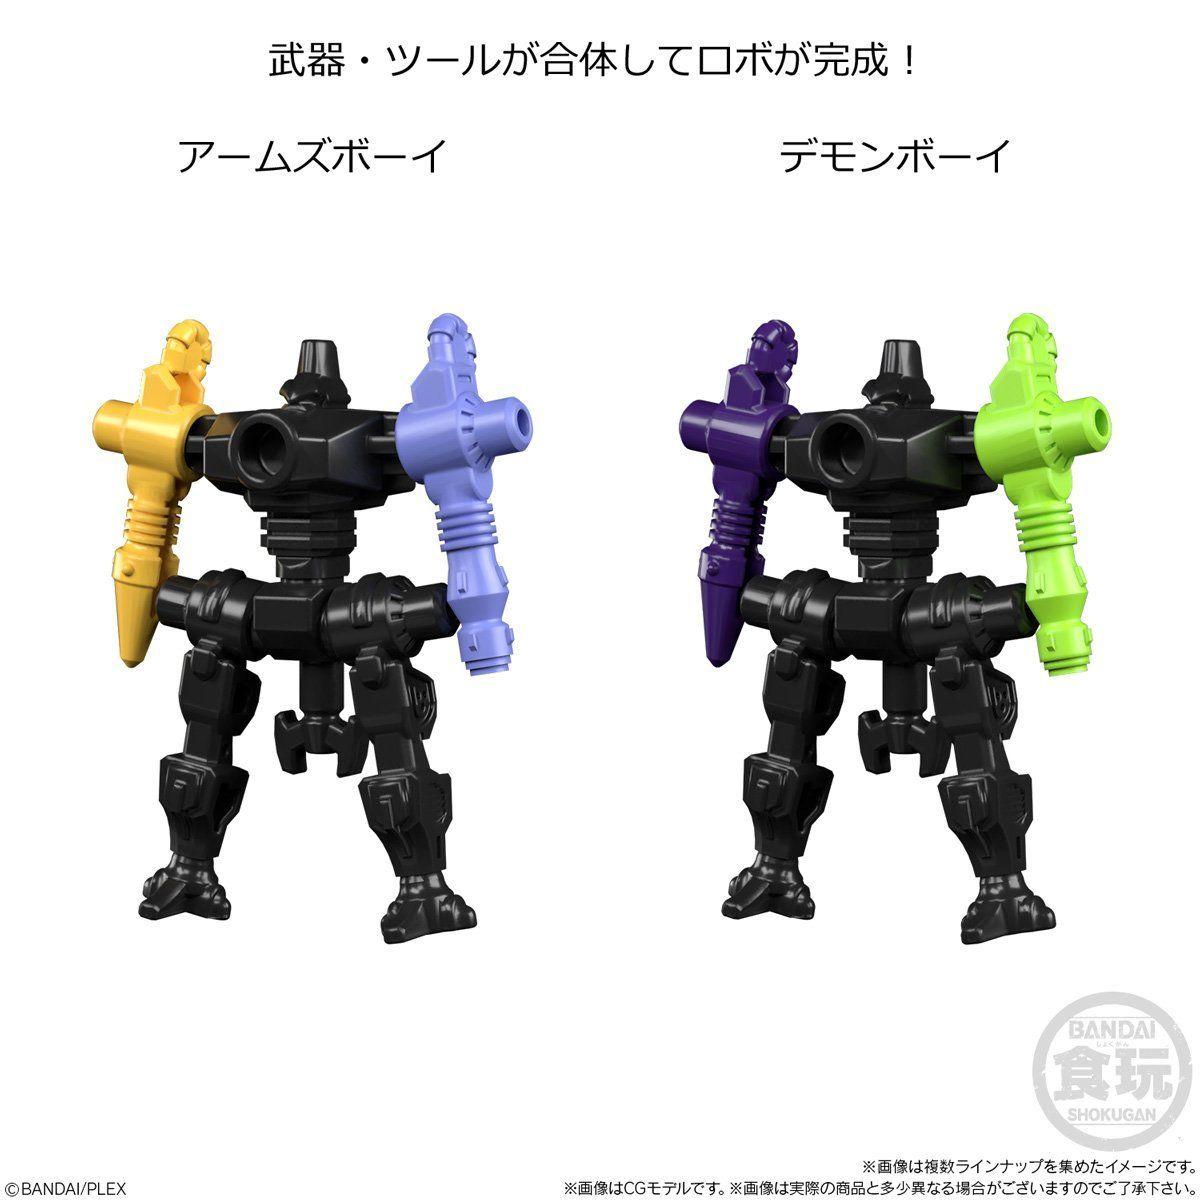 【食玩】ミニプラ『マシンロボデュエル』12個入りBOX-006